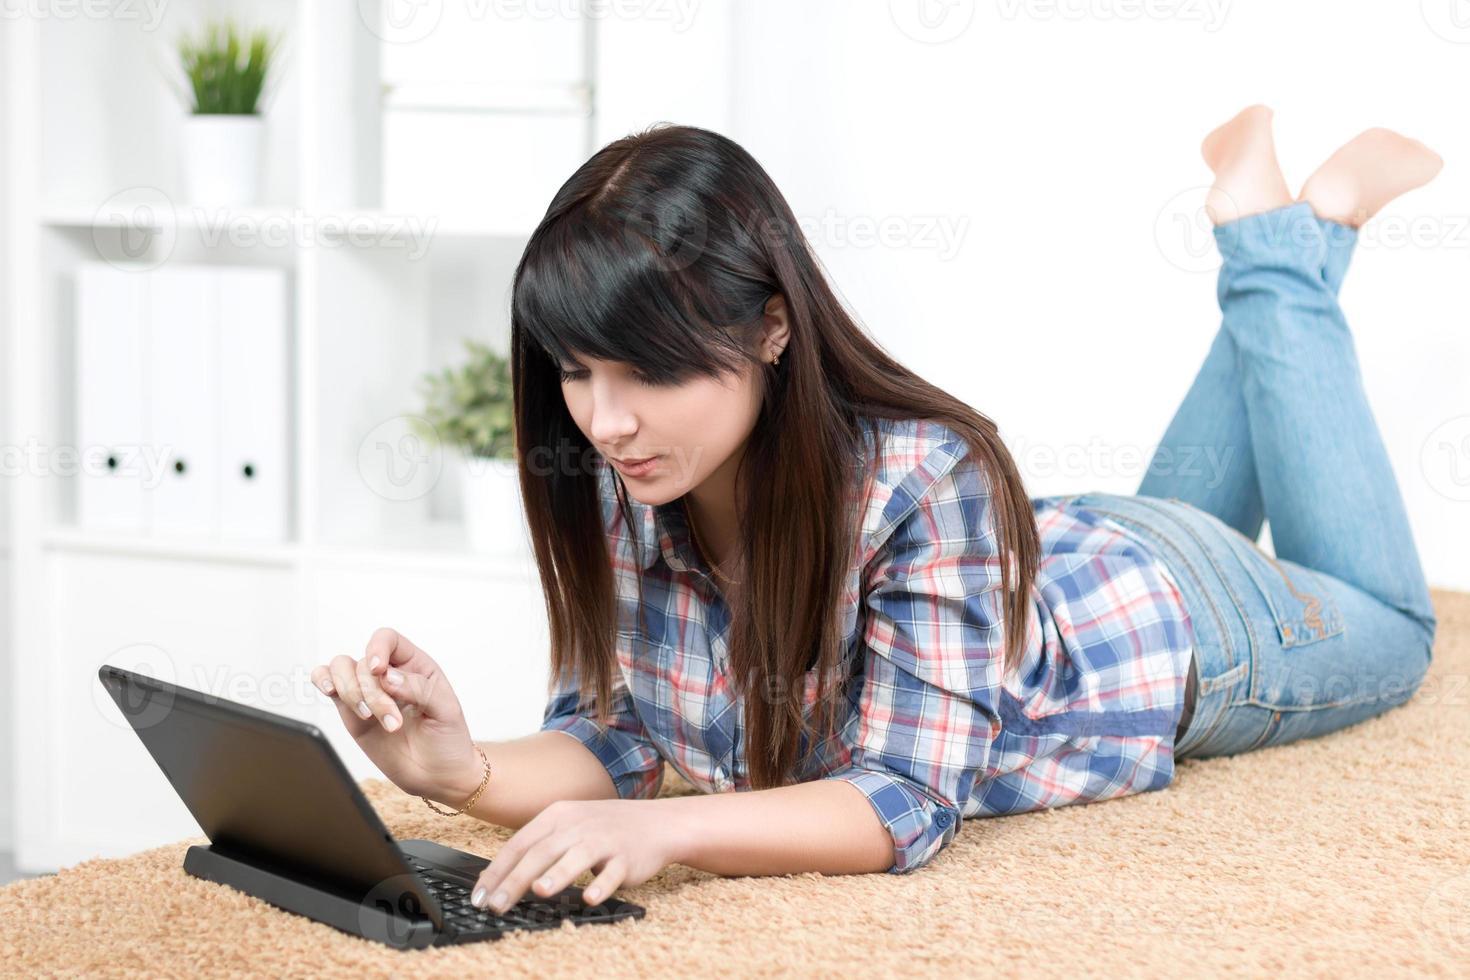 ragazza dell'adolescente che studia a casa sdraiato sul divano foto